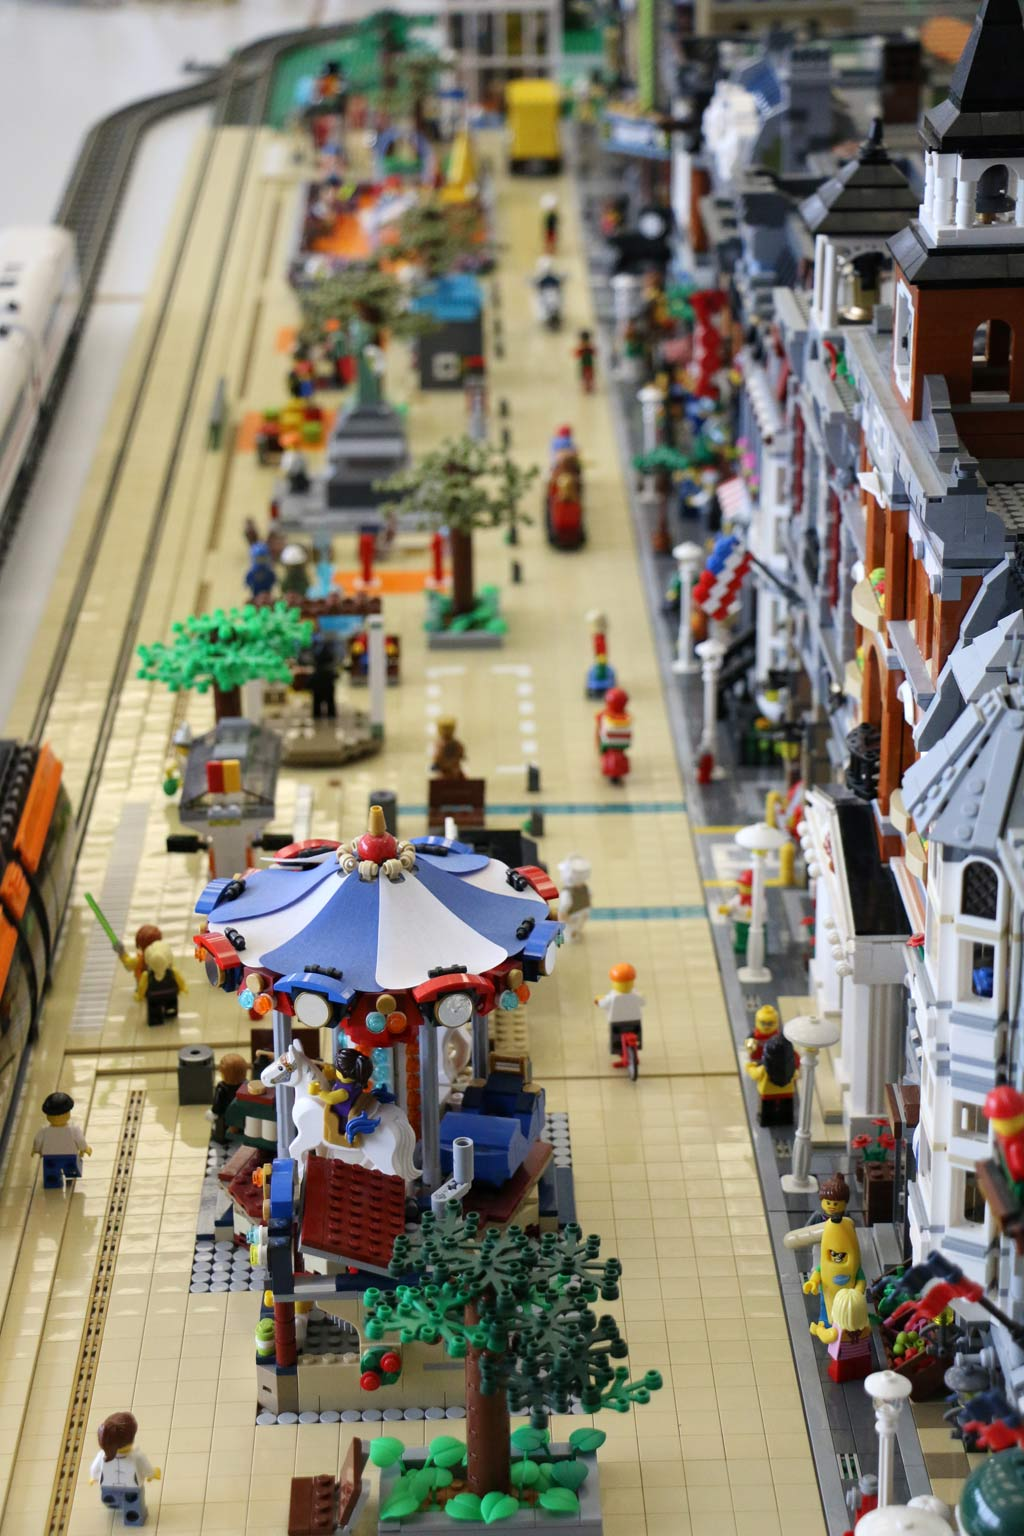 Flaniermeile der Ukonio City | © Andres Lehmann / zusammengebaut.com